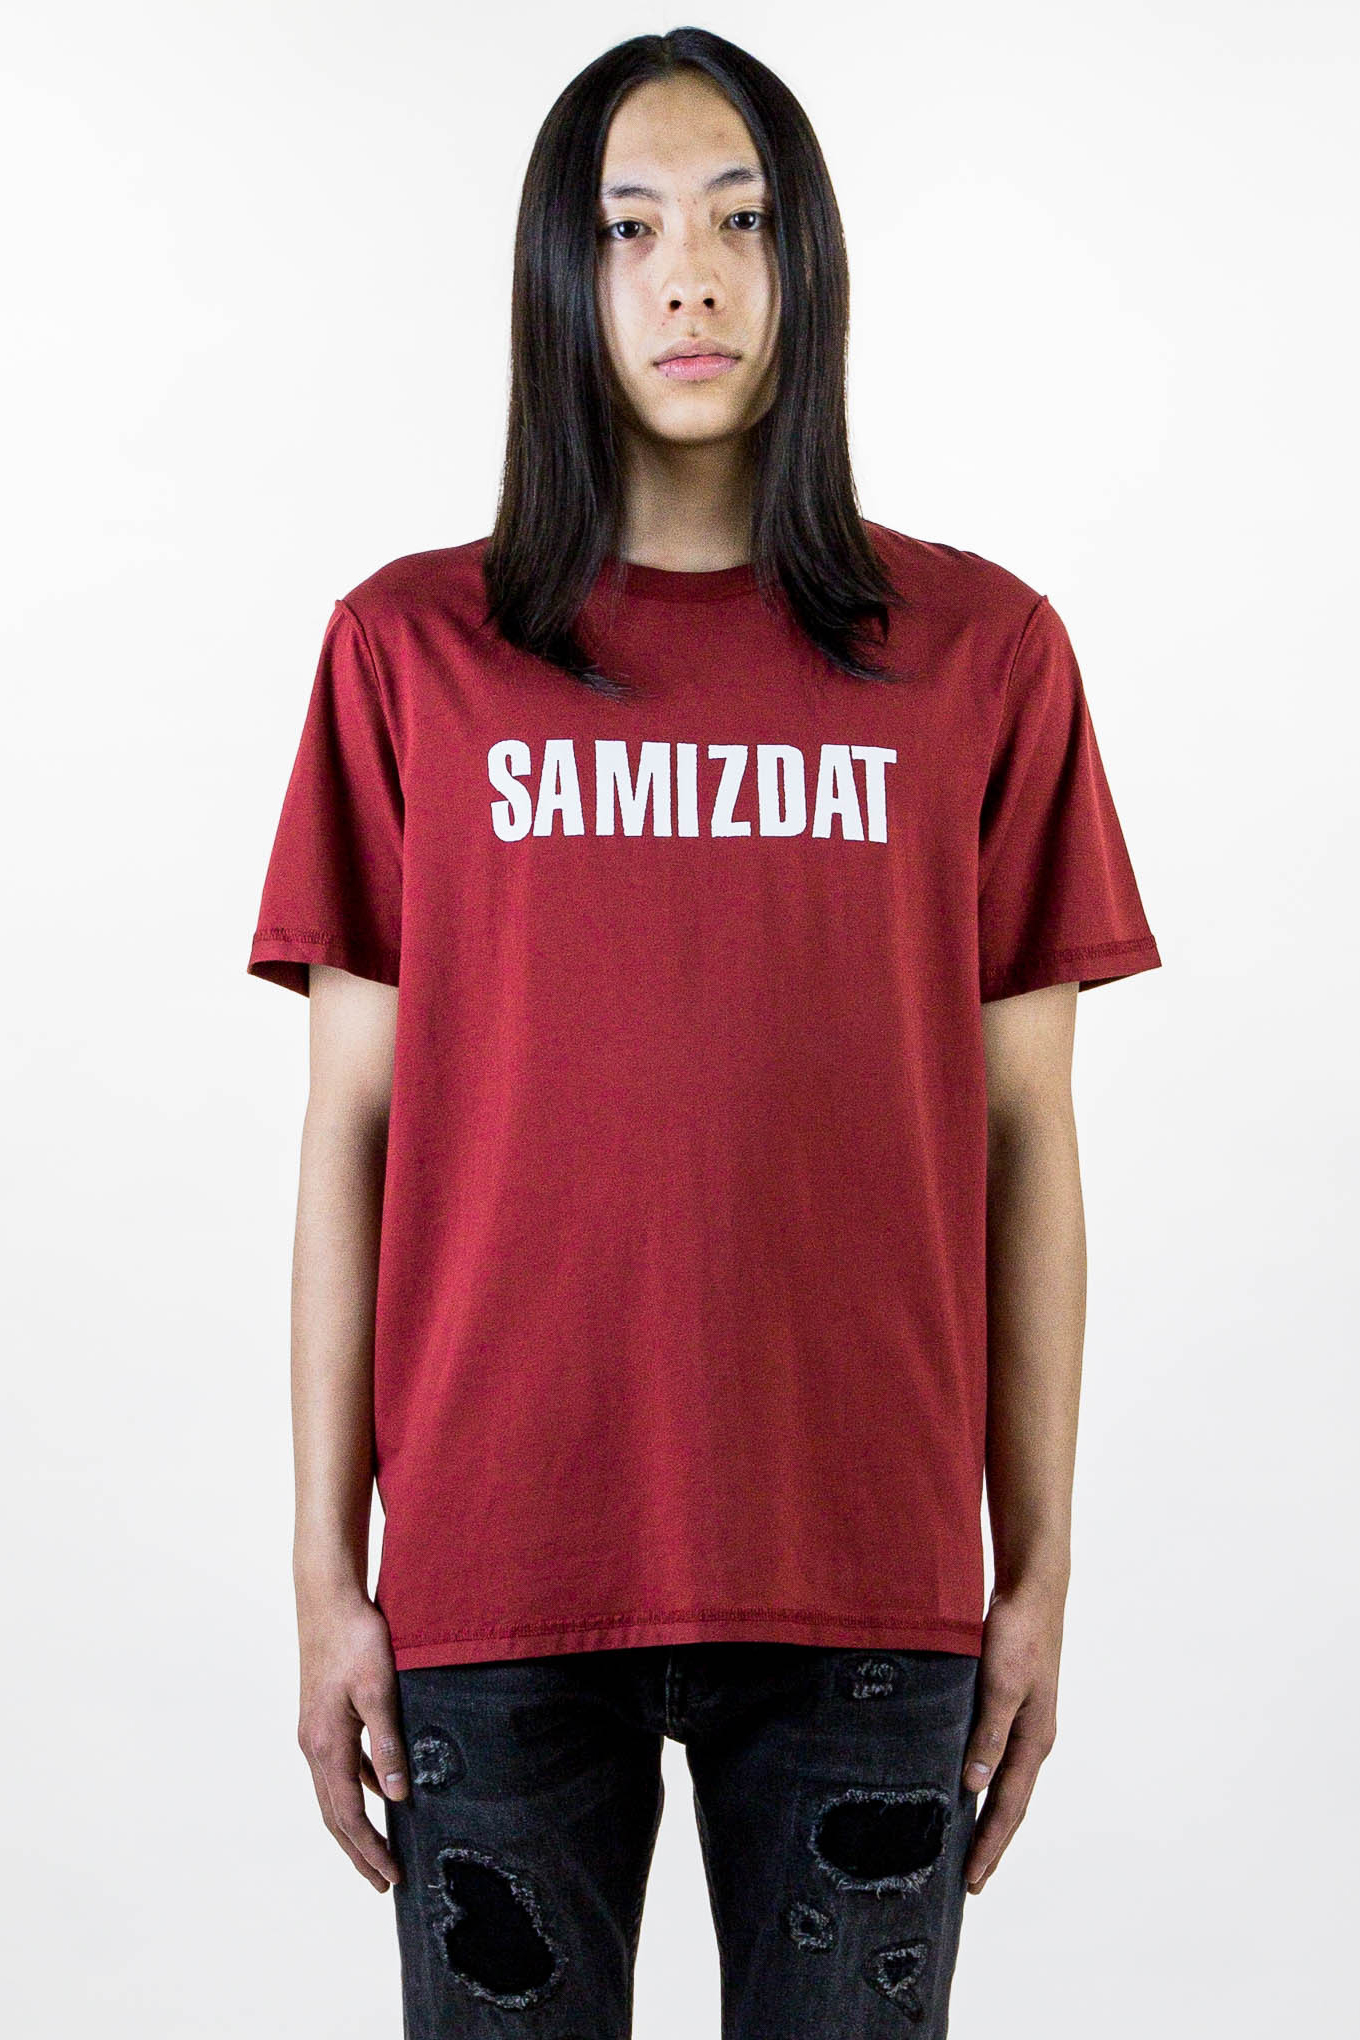 Yang Li SAMIZDAT T-shirt Hoodie Tote Lighter - 1844524